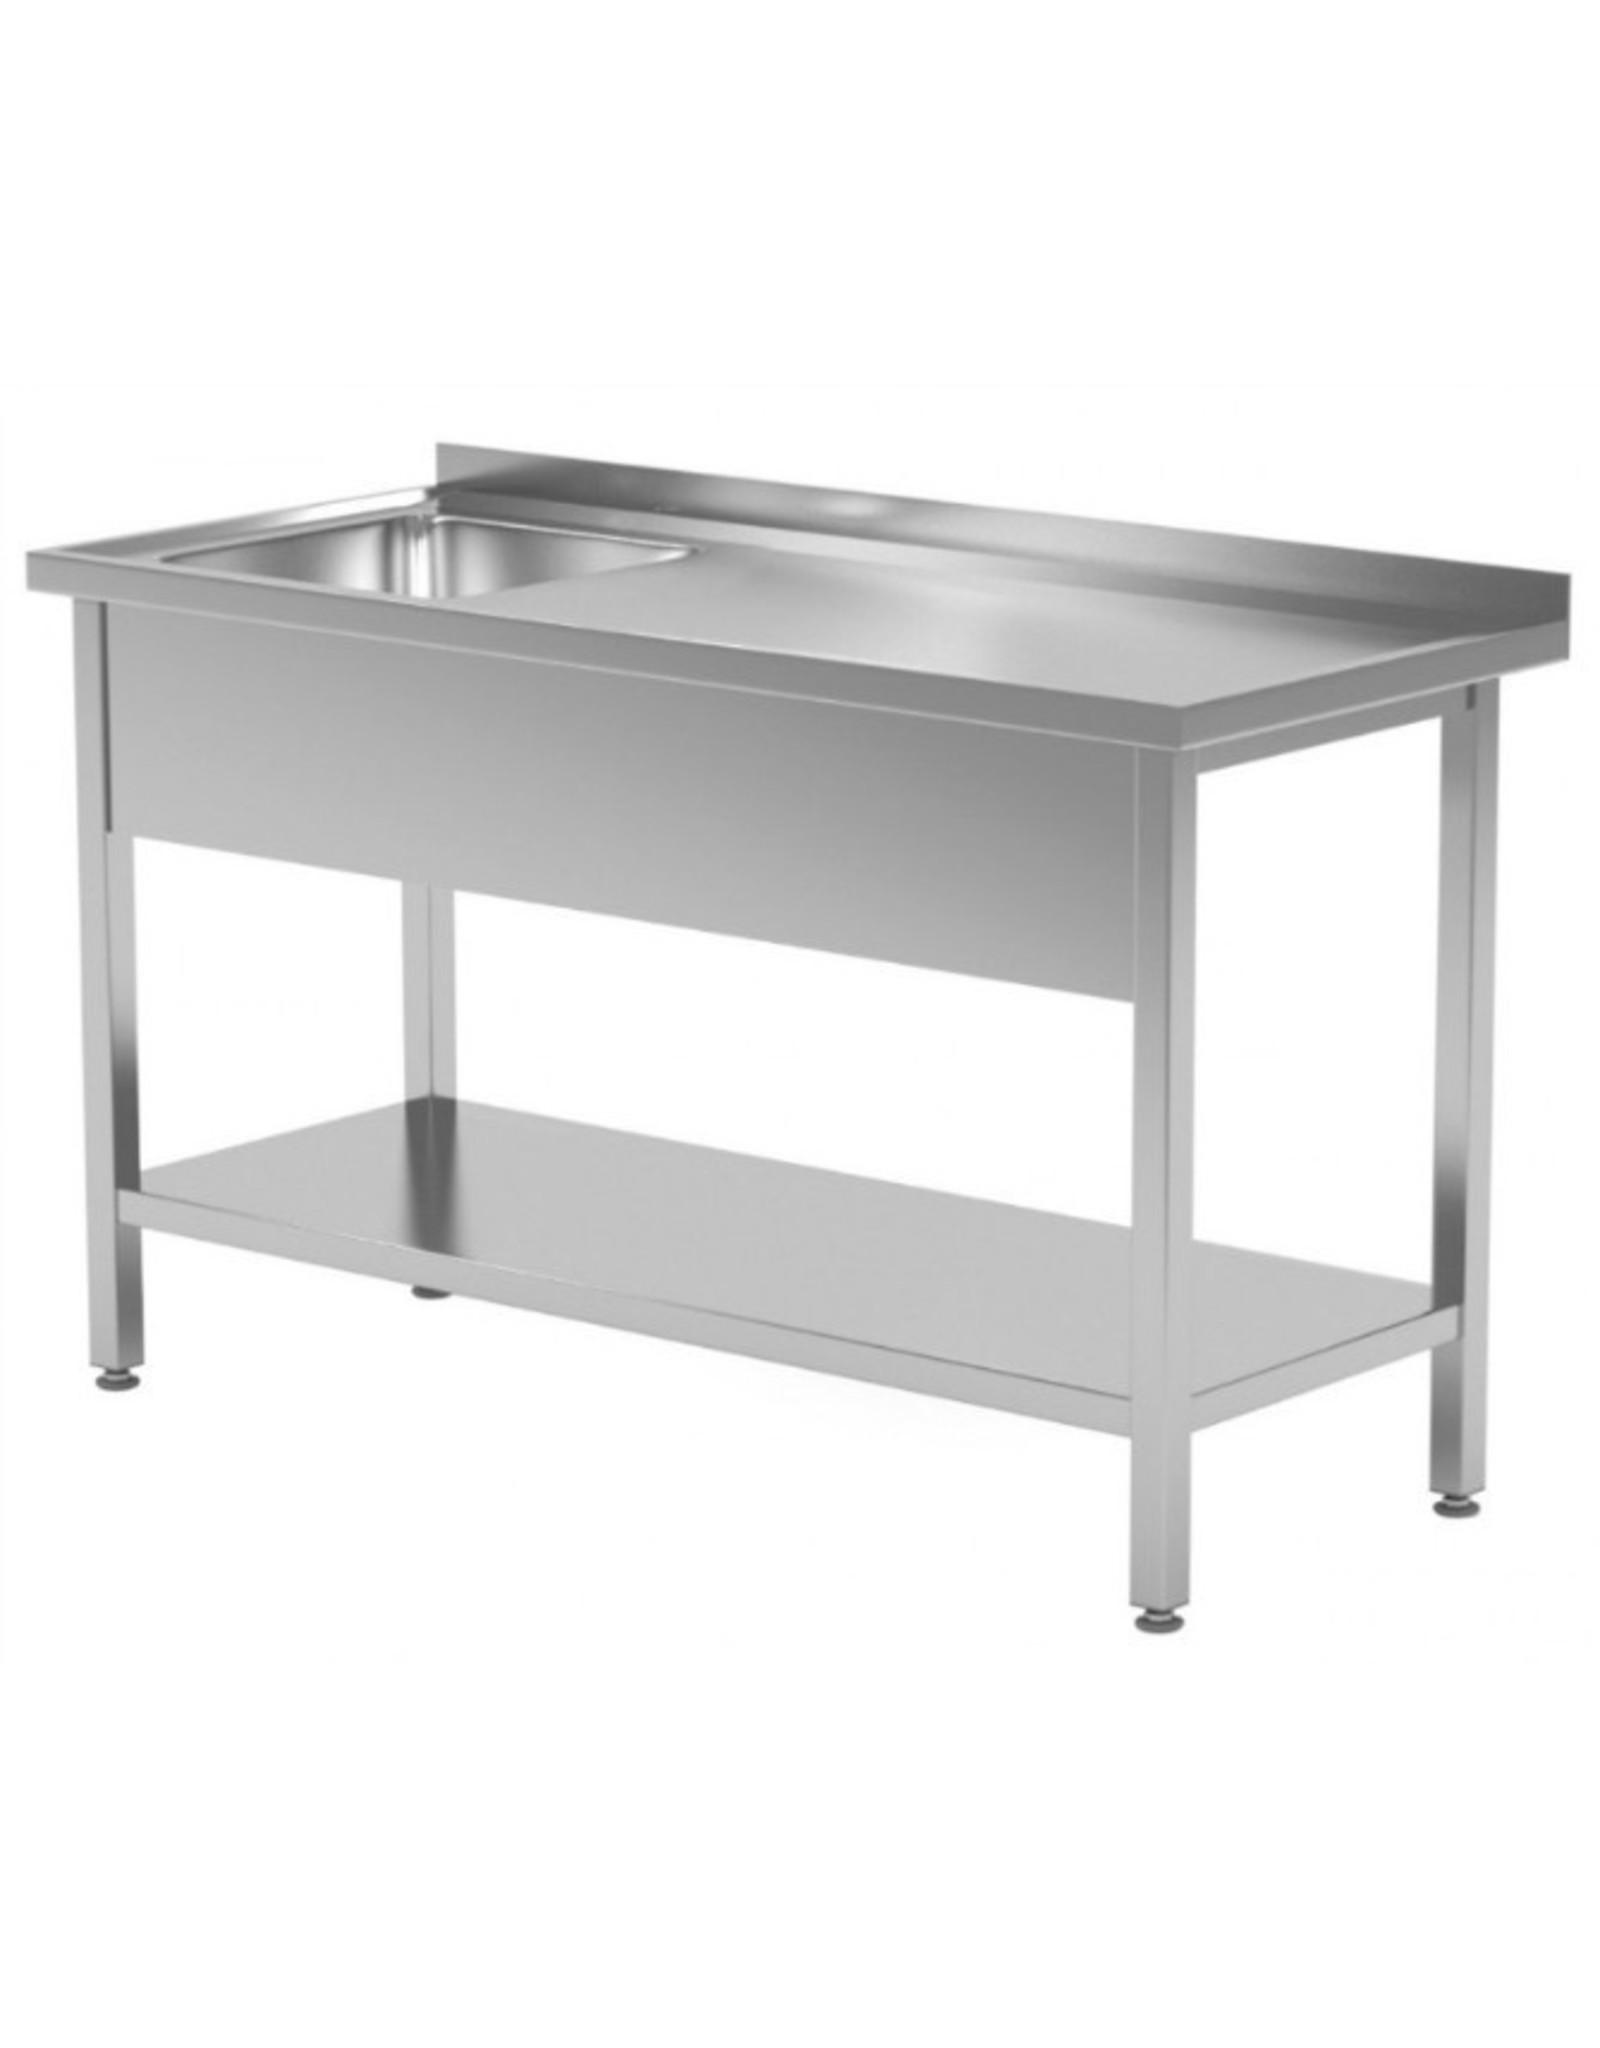 Spoeltafel | met onderplank | spoelbak links | 800-1900mm breed | 600 of 700mm diep